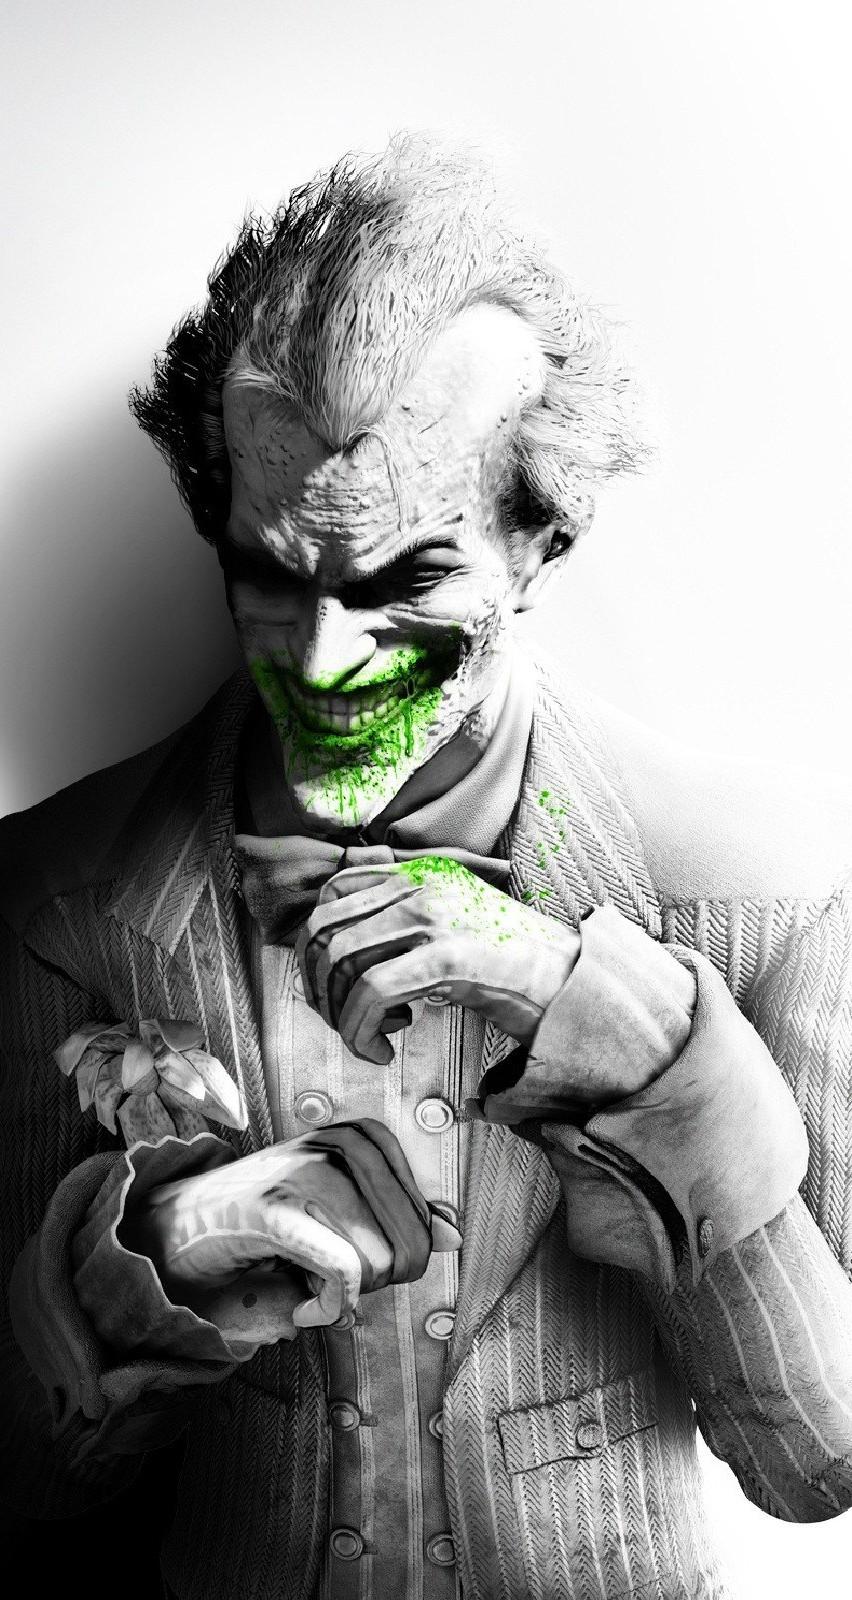 Batman Arkham City HD Wallpaper For IPhone 6 6s HDwallpapersnet 852x1600